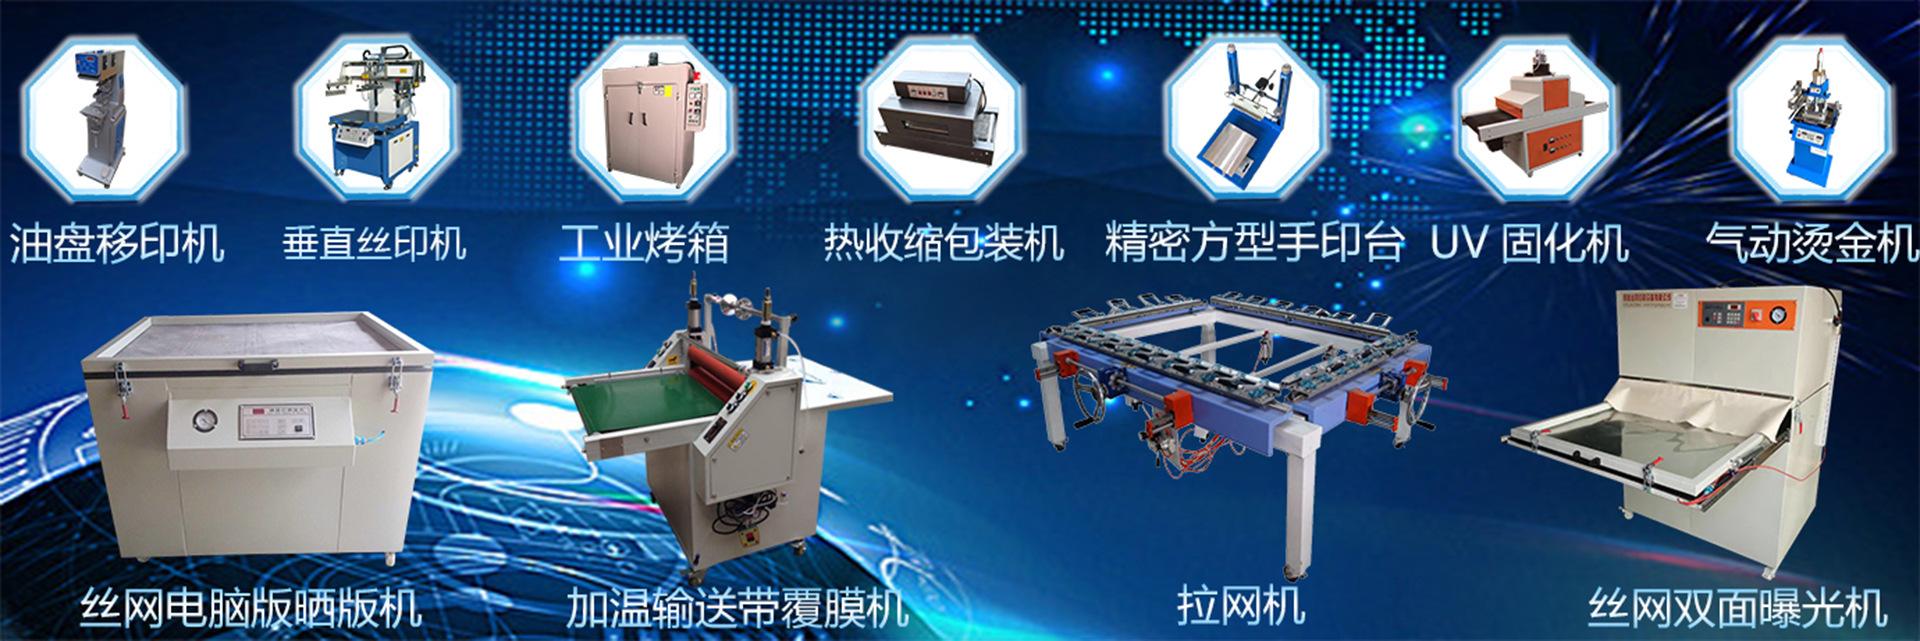 隧道烘干炉_远红外线隧道烘干炉五金塑料pcb流水线固化质量保证